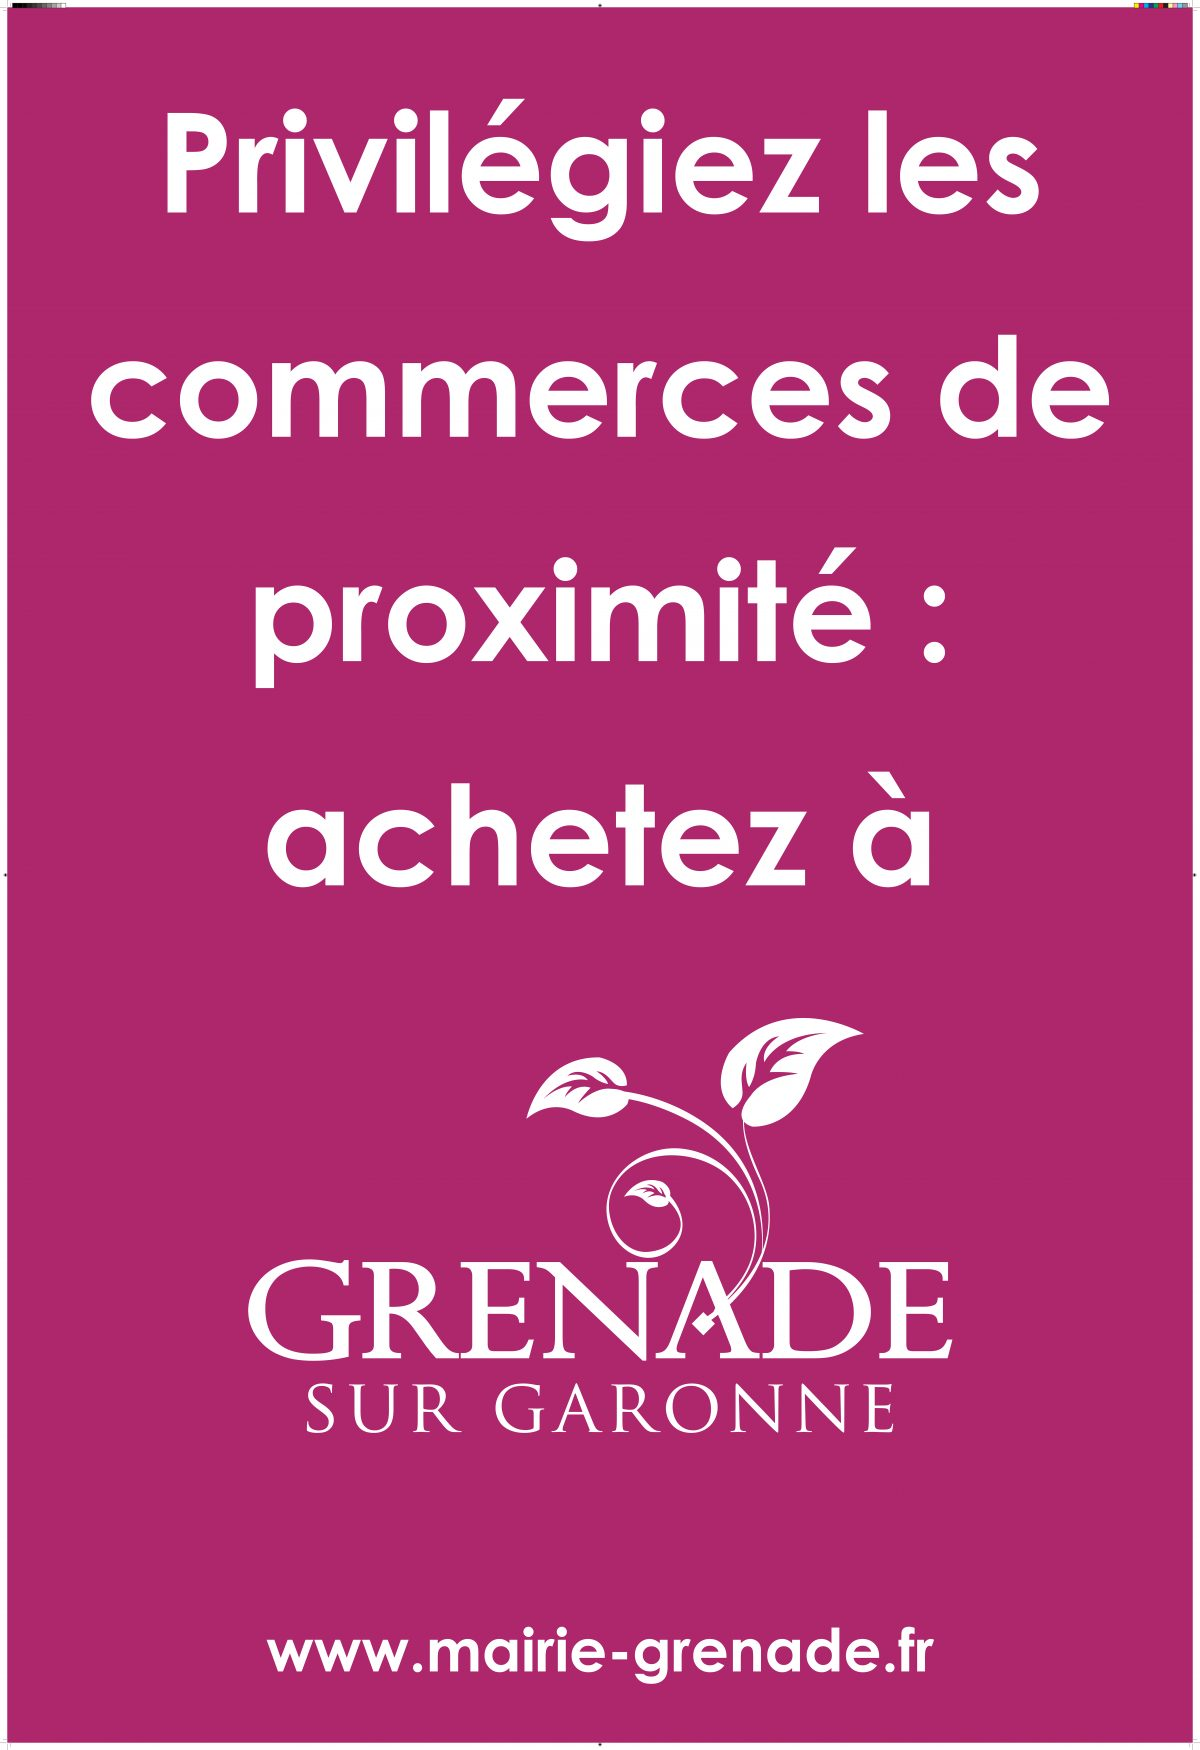 Aidons les commerces de proximité de Grenade